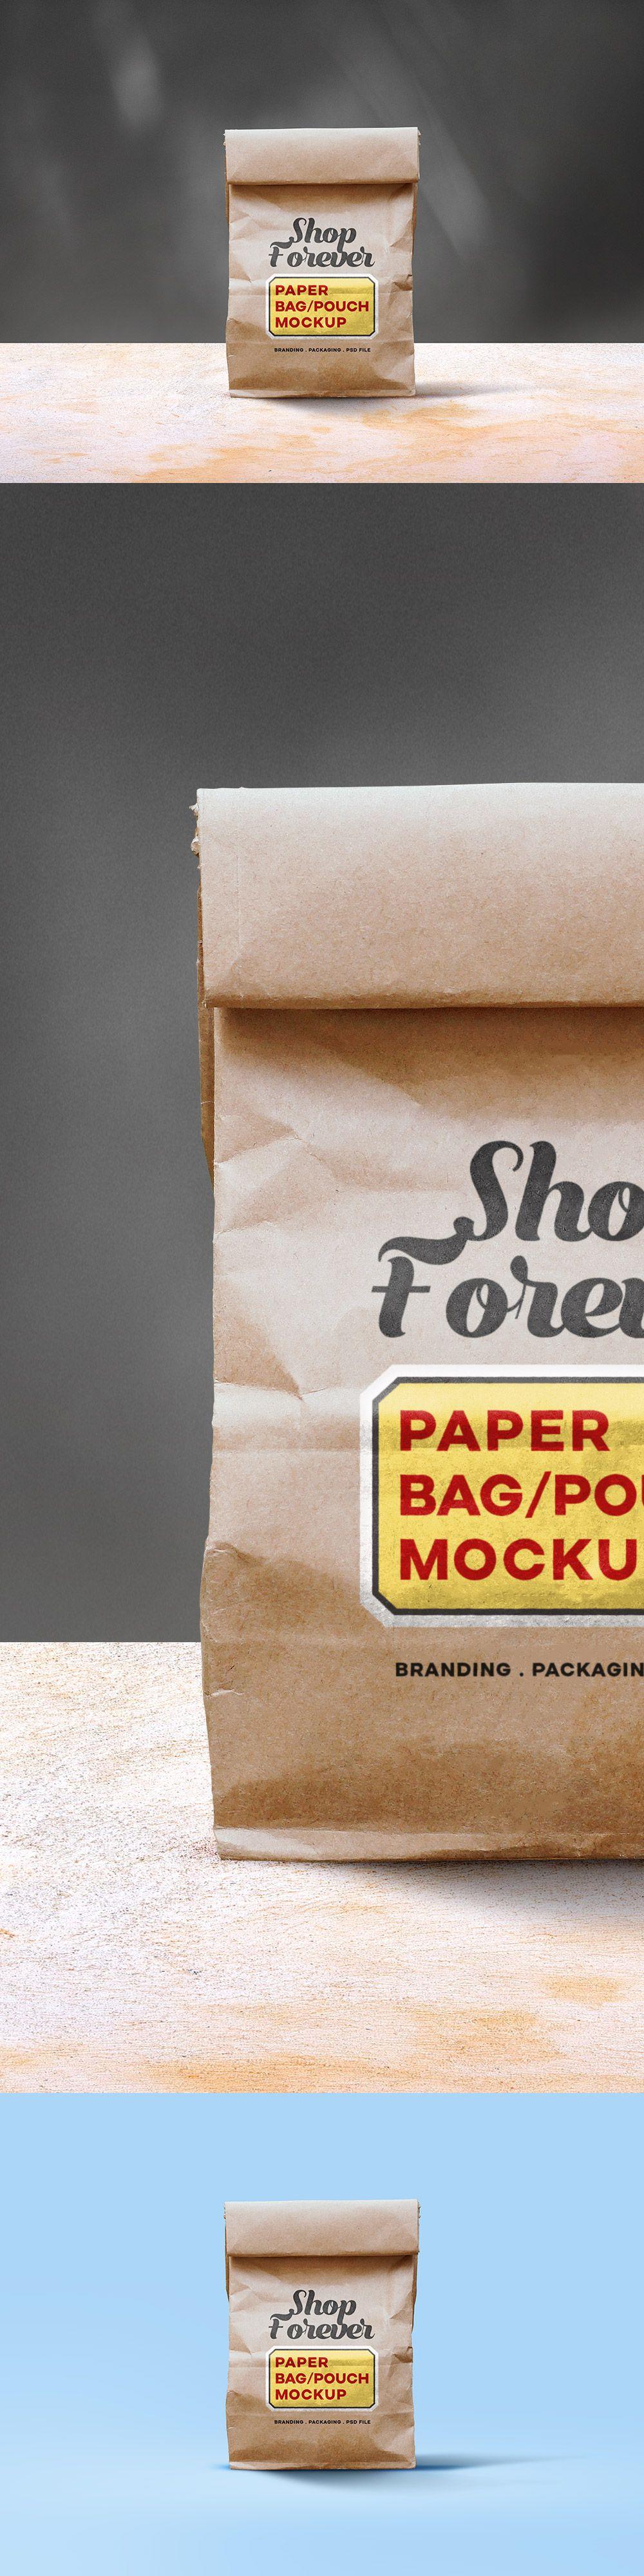 Download Paper Pouch Mockup Psd Bag Mockup Design Mockup Free Paper Bag